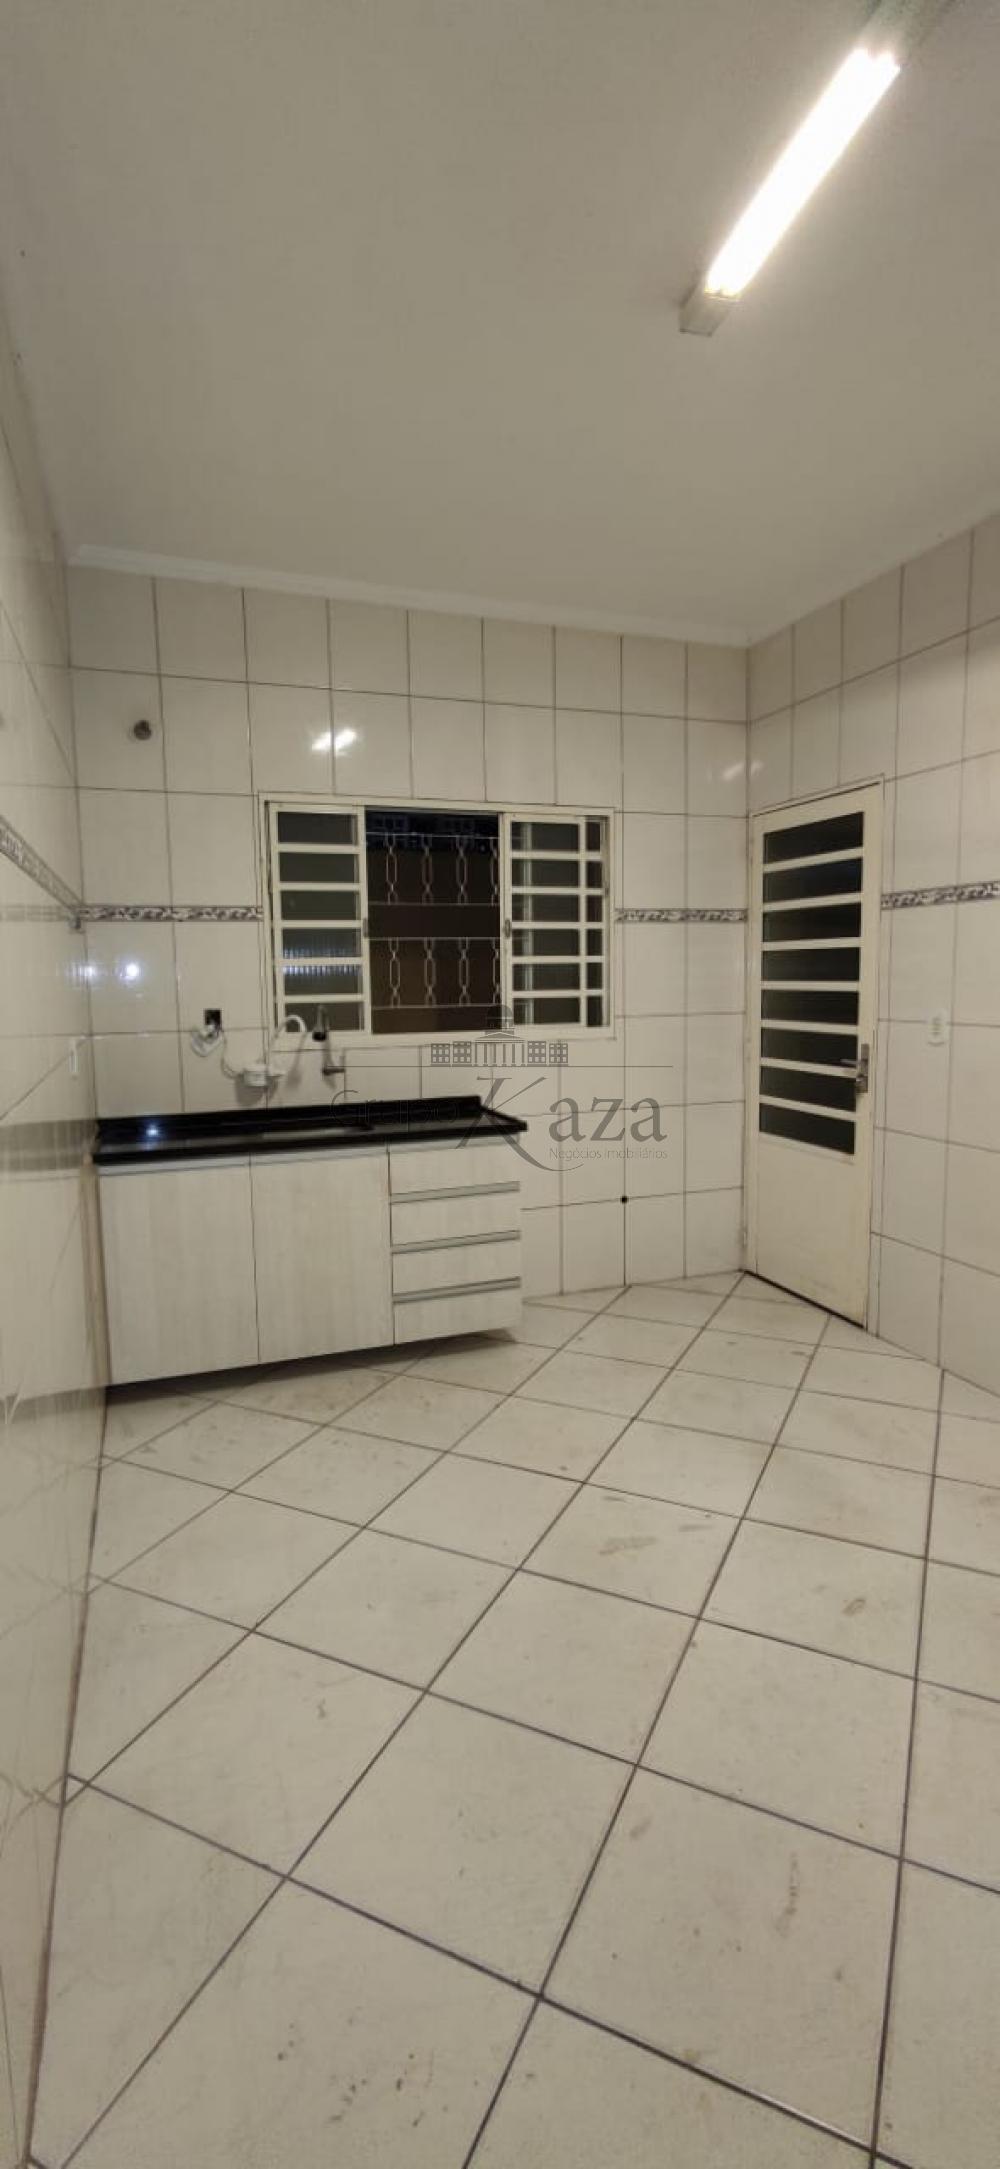 alt='Comprar Casa / Sobrado em São José dos Campos R$ 430.000,00 - Foto 7' title='Comprar Casa / Sobrado em São José dos Campos R$ 430.000,00 - Foto 7'